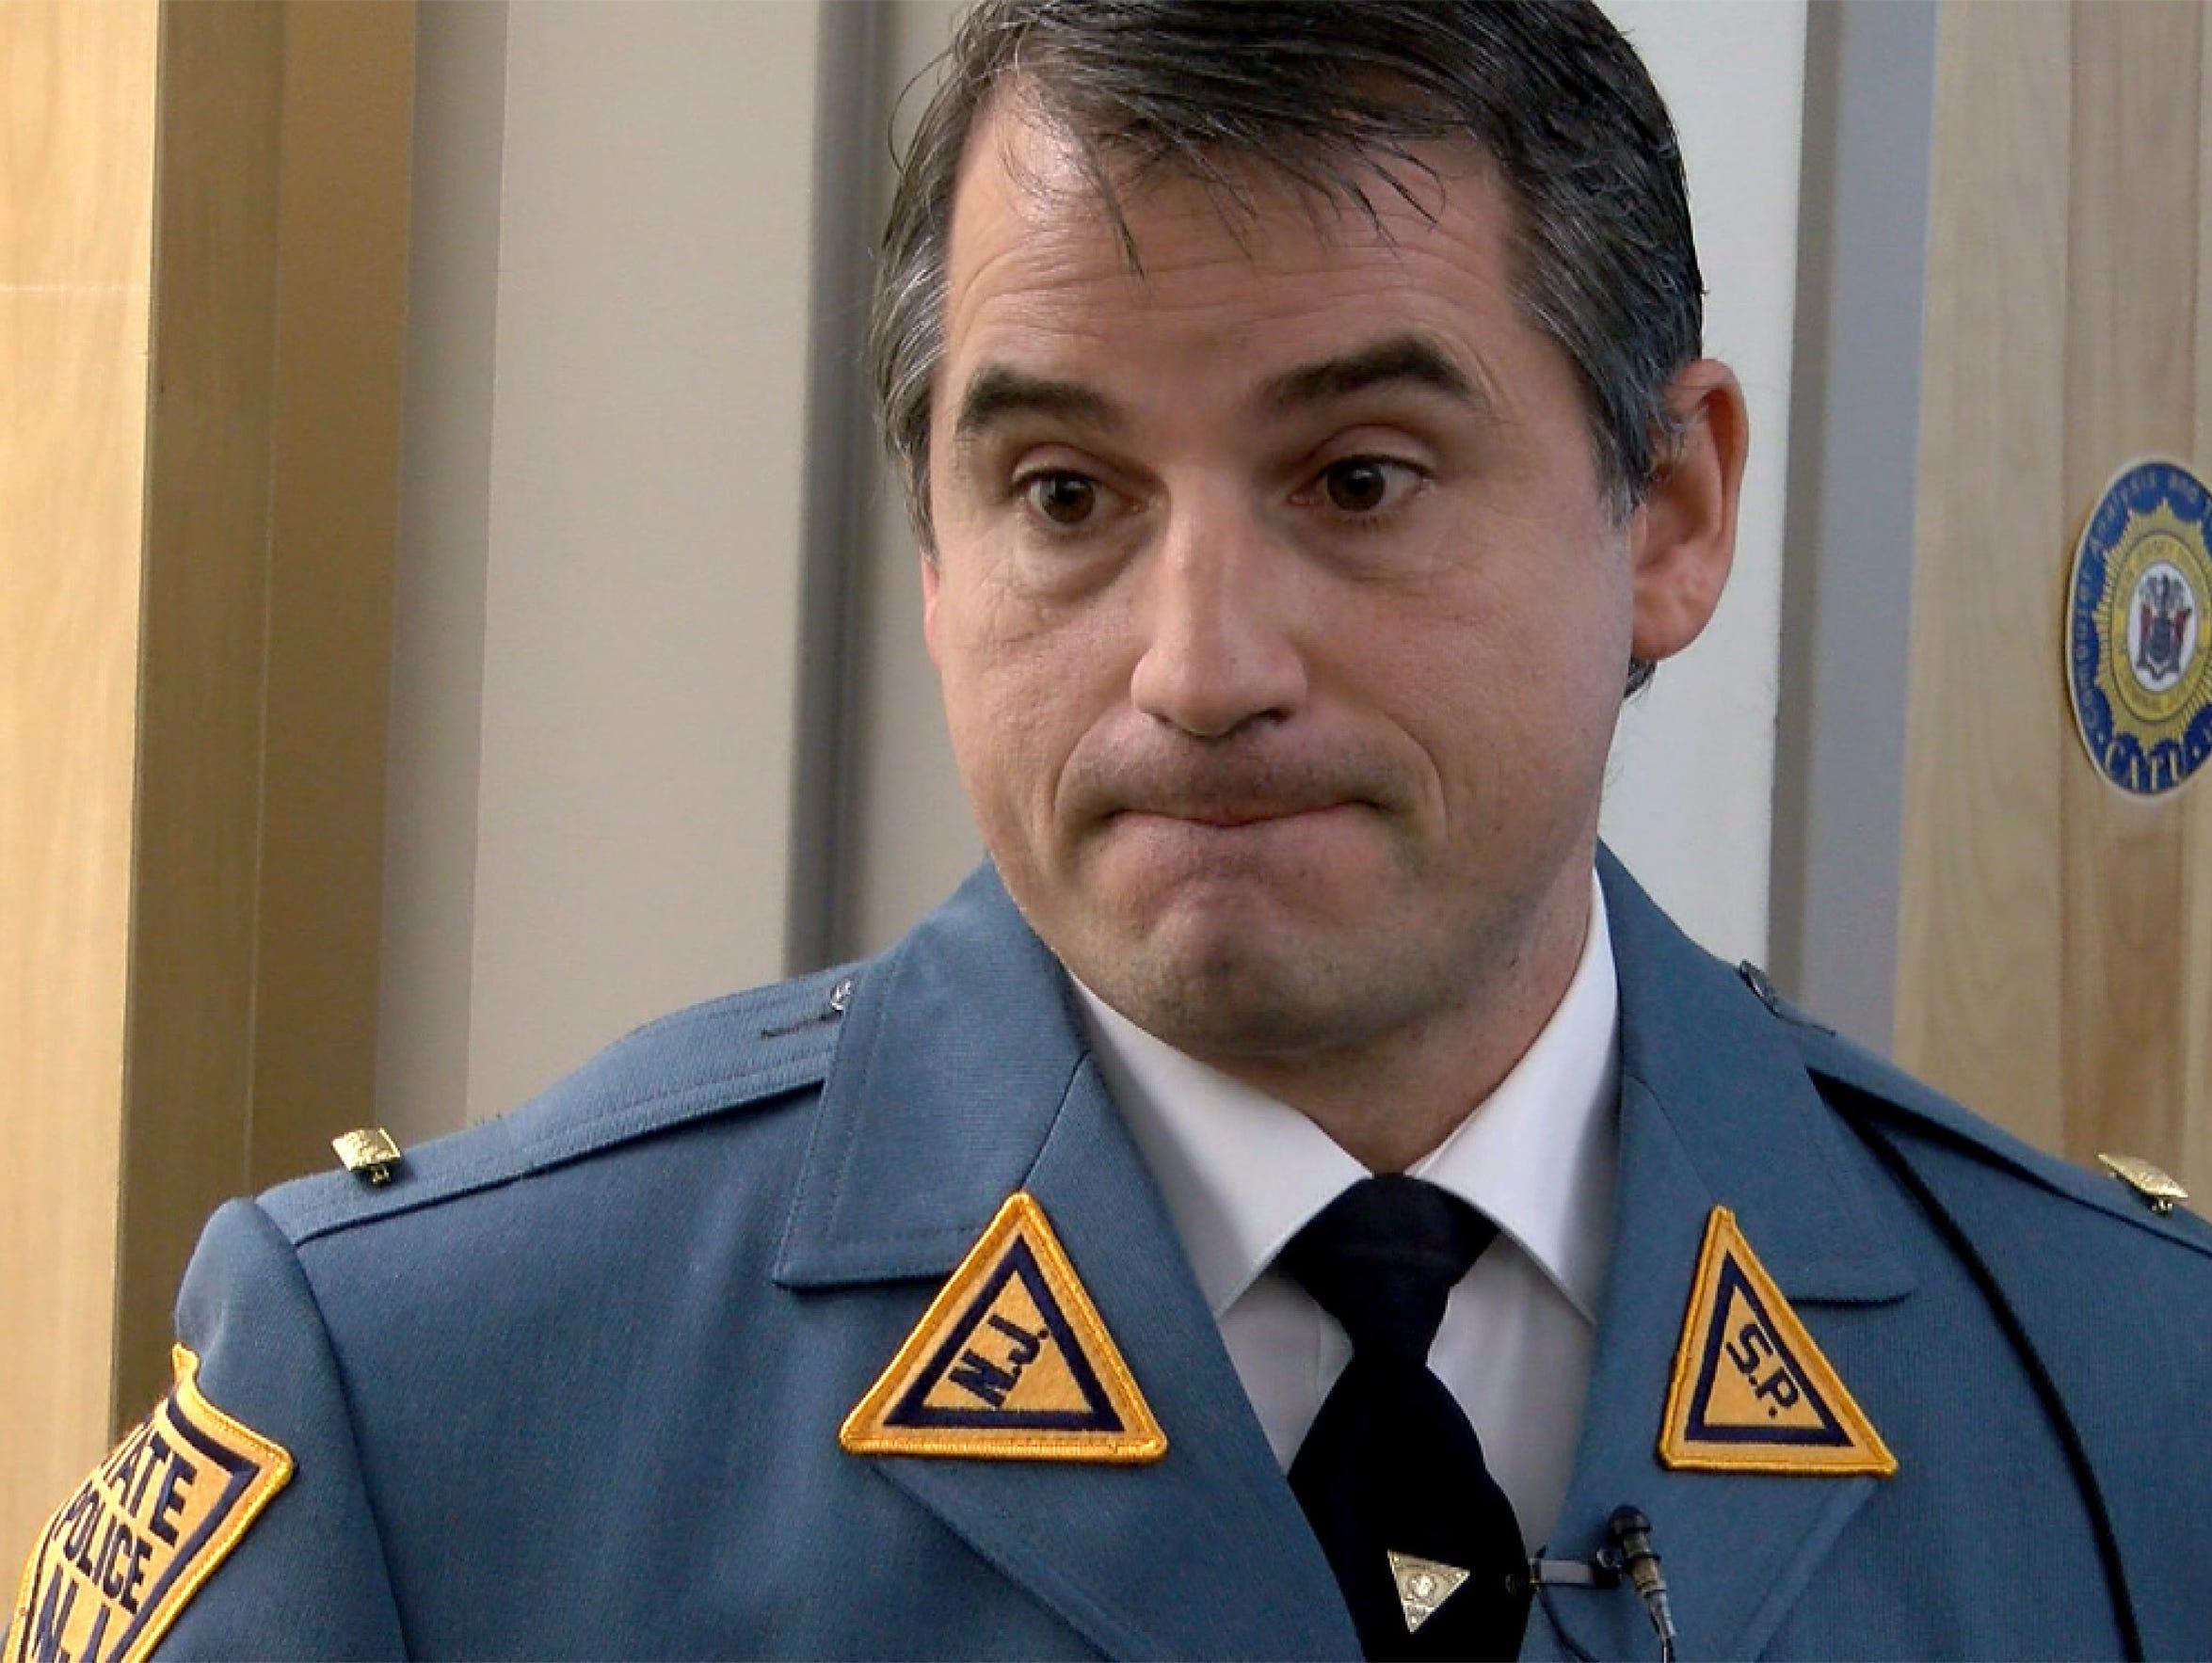 NJ State Police Lt. John Pizzuro, the commander of